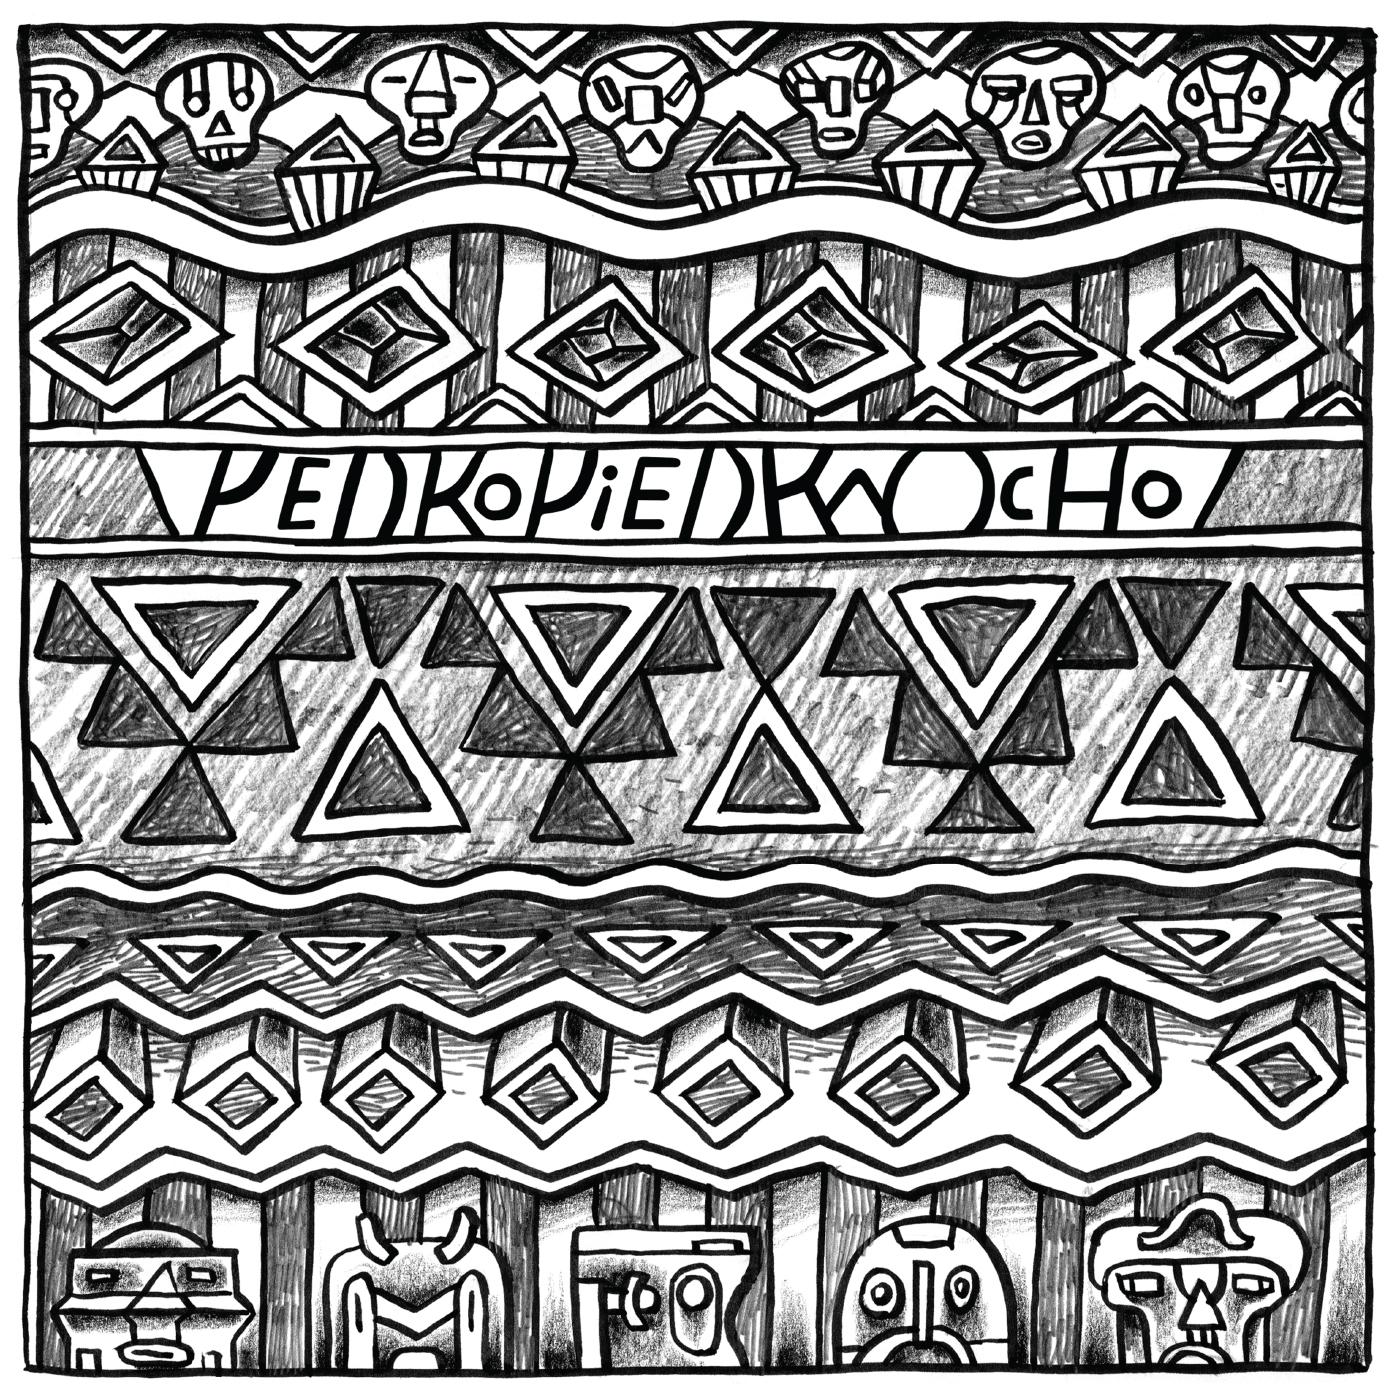 Pedropiedra - Ocho (Vinilo)